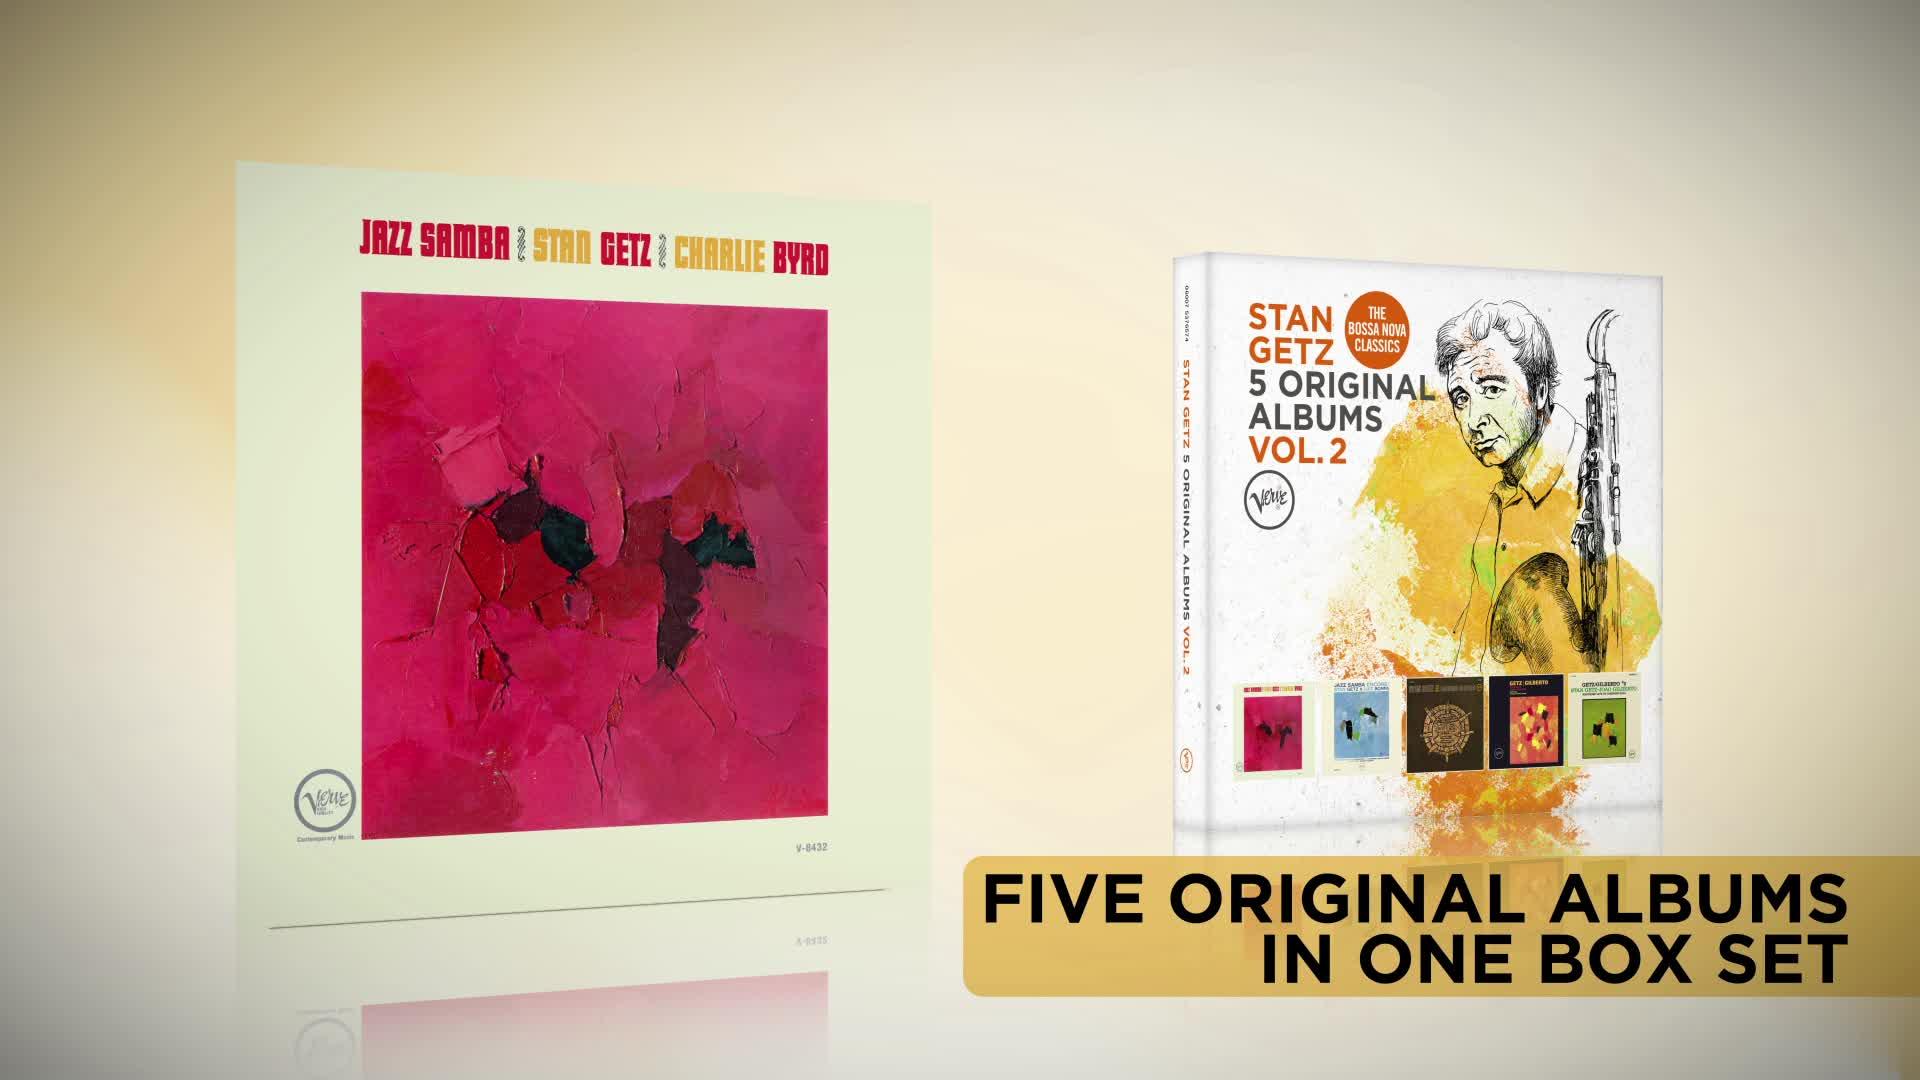 5 Original Albums, Stan Getz - 5 Original Albums Vol. 2